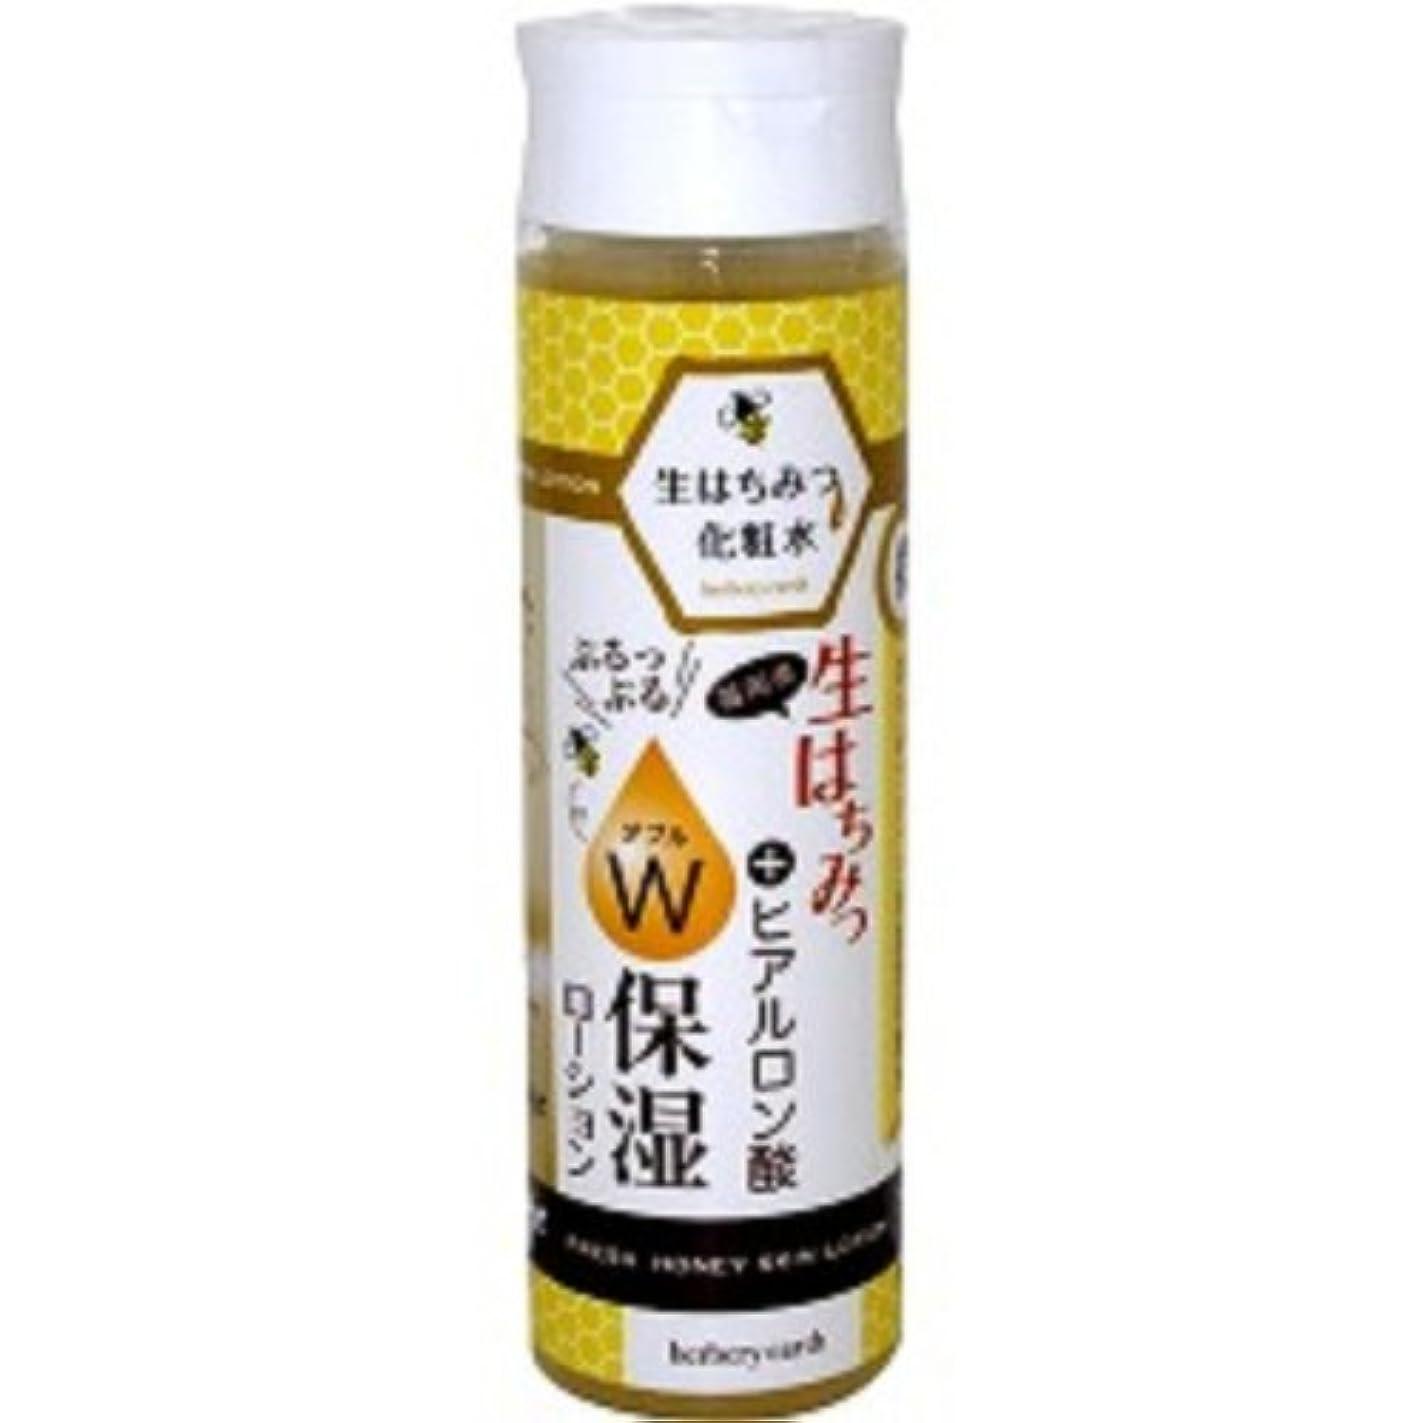 セール写真を描く義務的生はちみつ化粧水 W保湿スキンローション